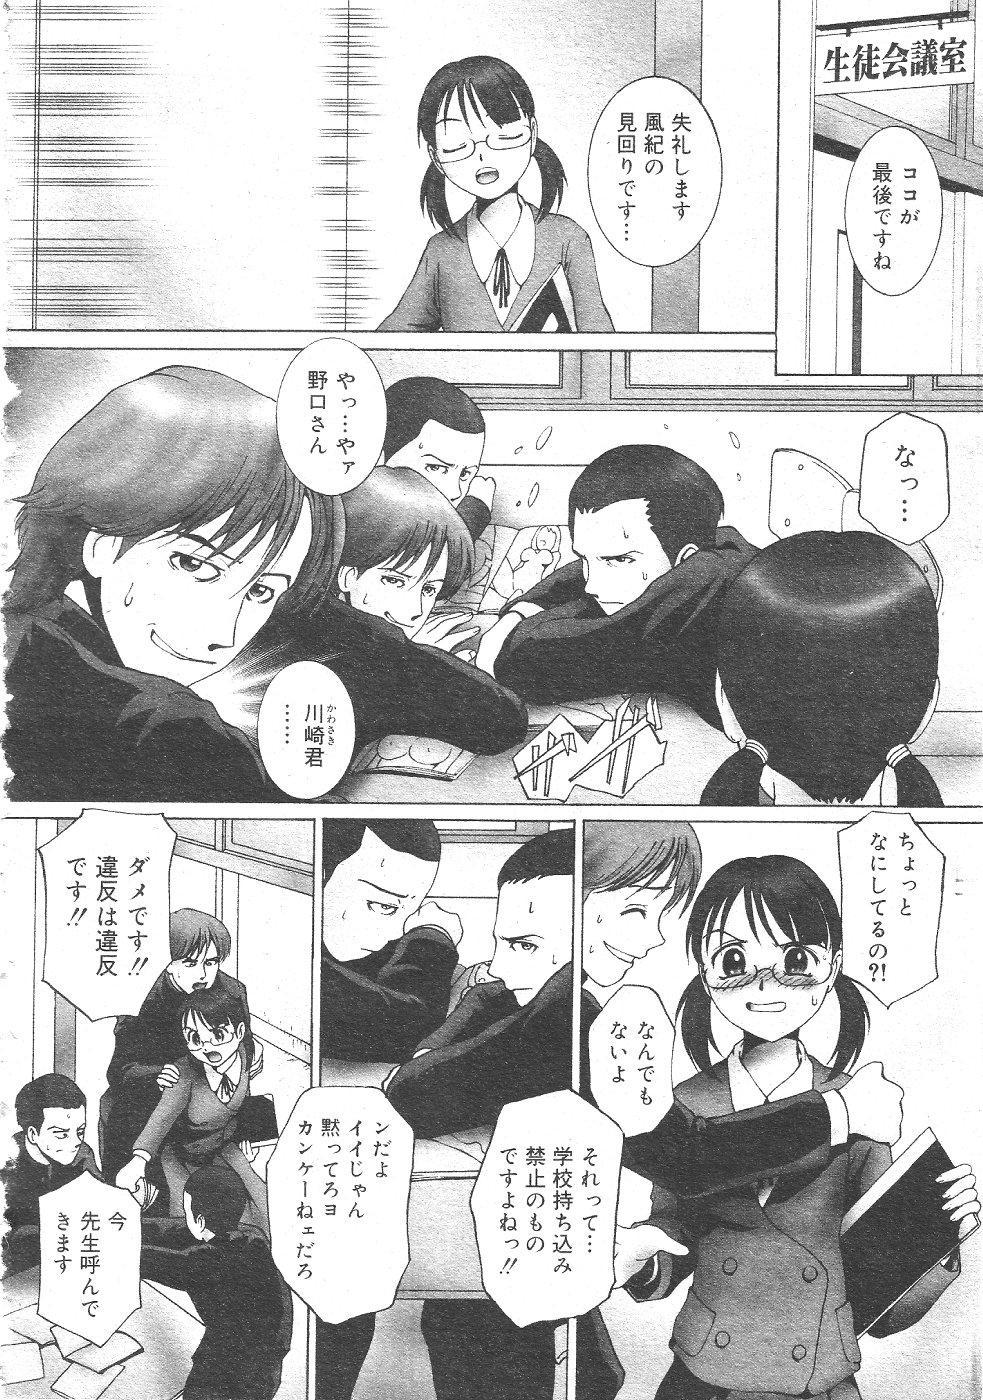 Gekkan Comic Muga 2004-06 Vol.10 173